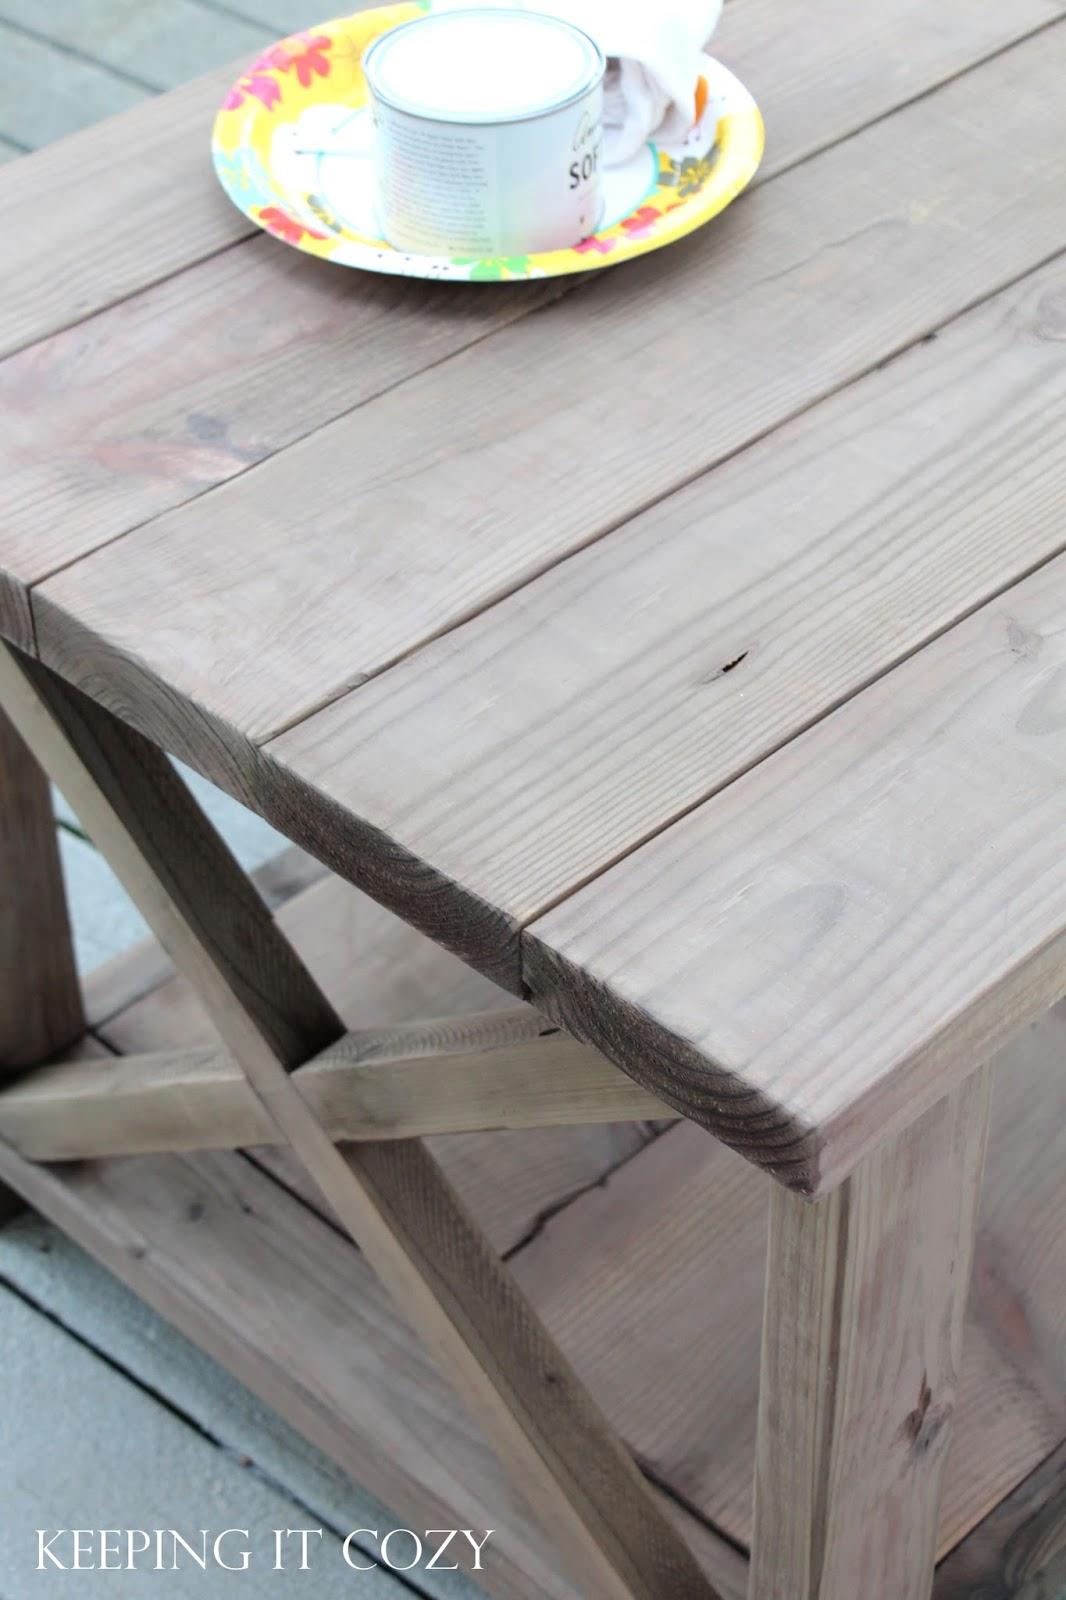 Keeping It Cozy Weathering Wood With Steel Wool Amp Vinegar